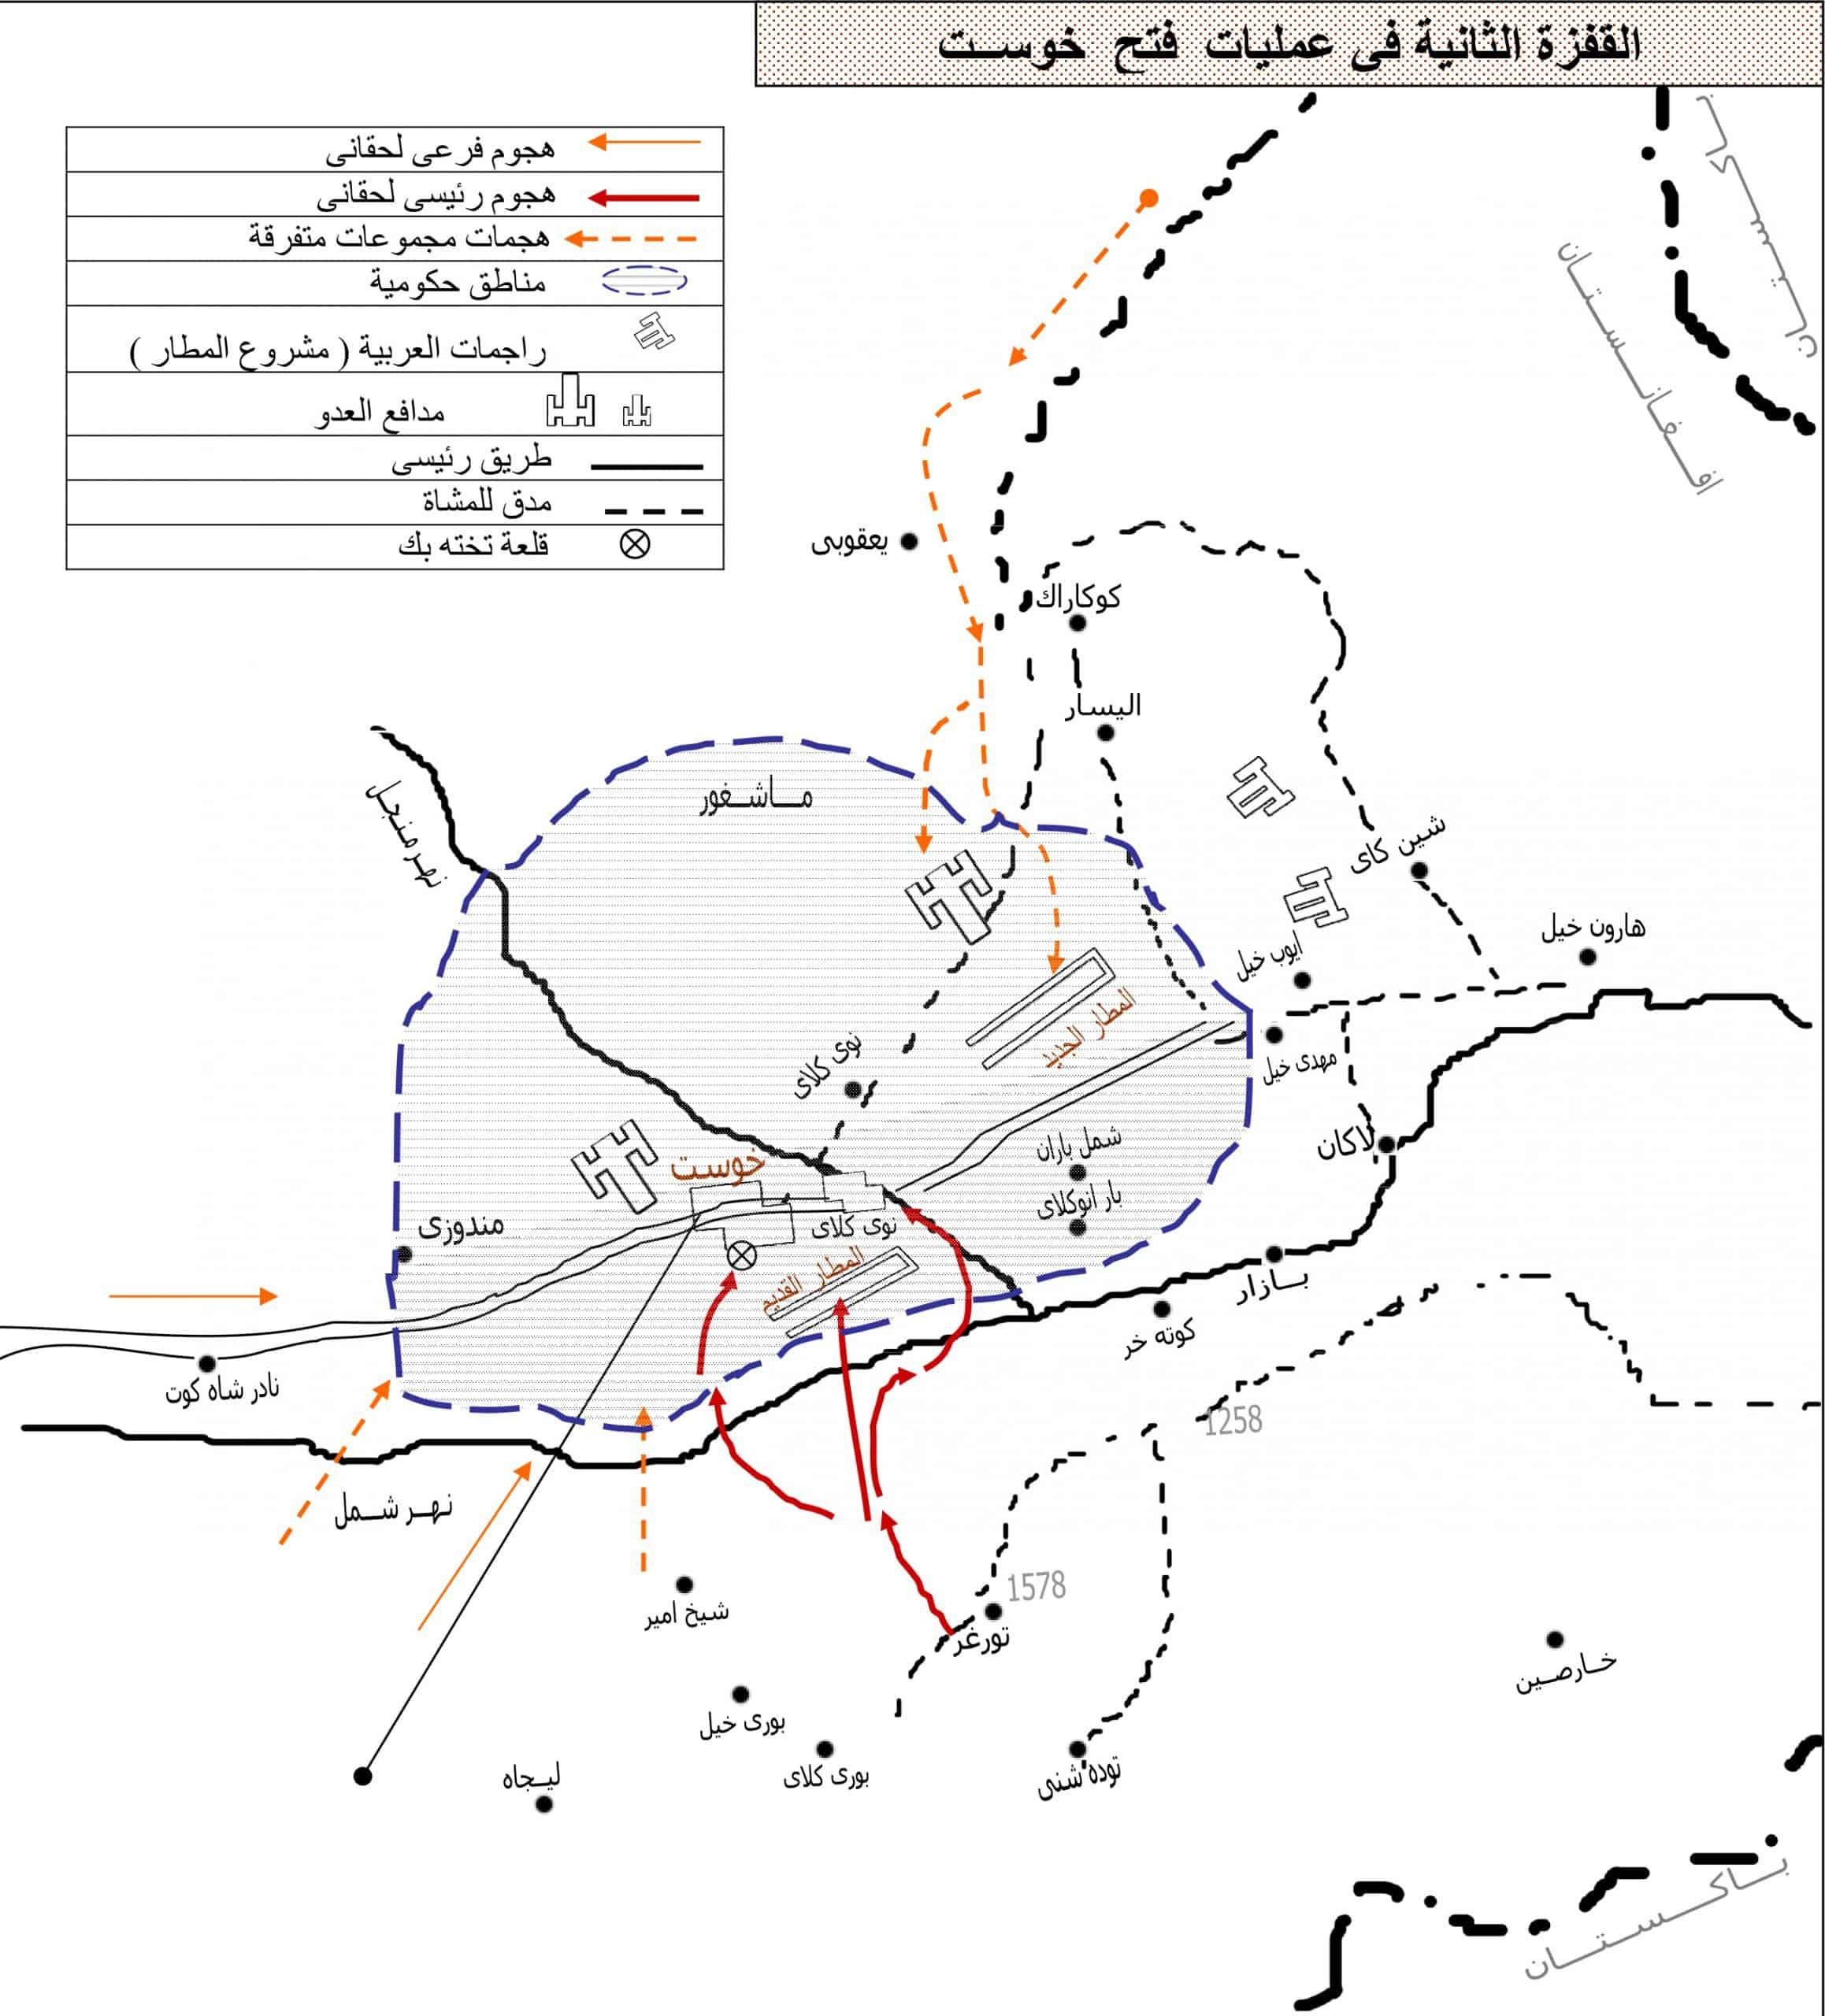 خريطة المرحلة الثانية من العمليات فتح خوست